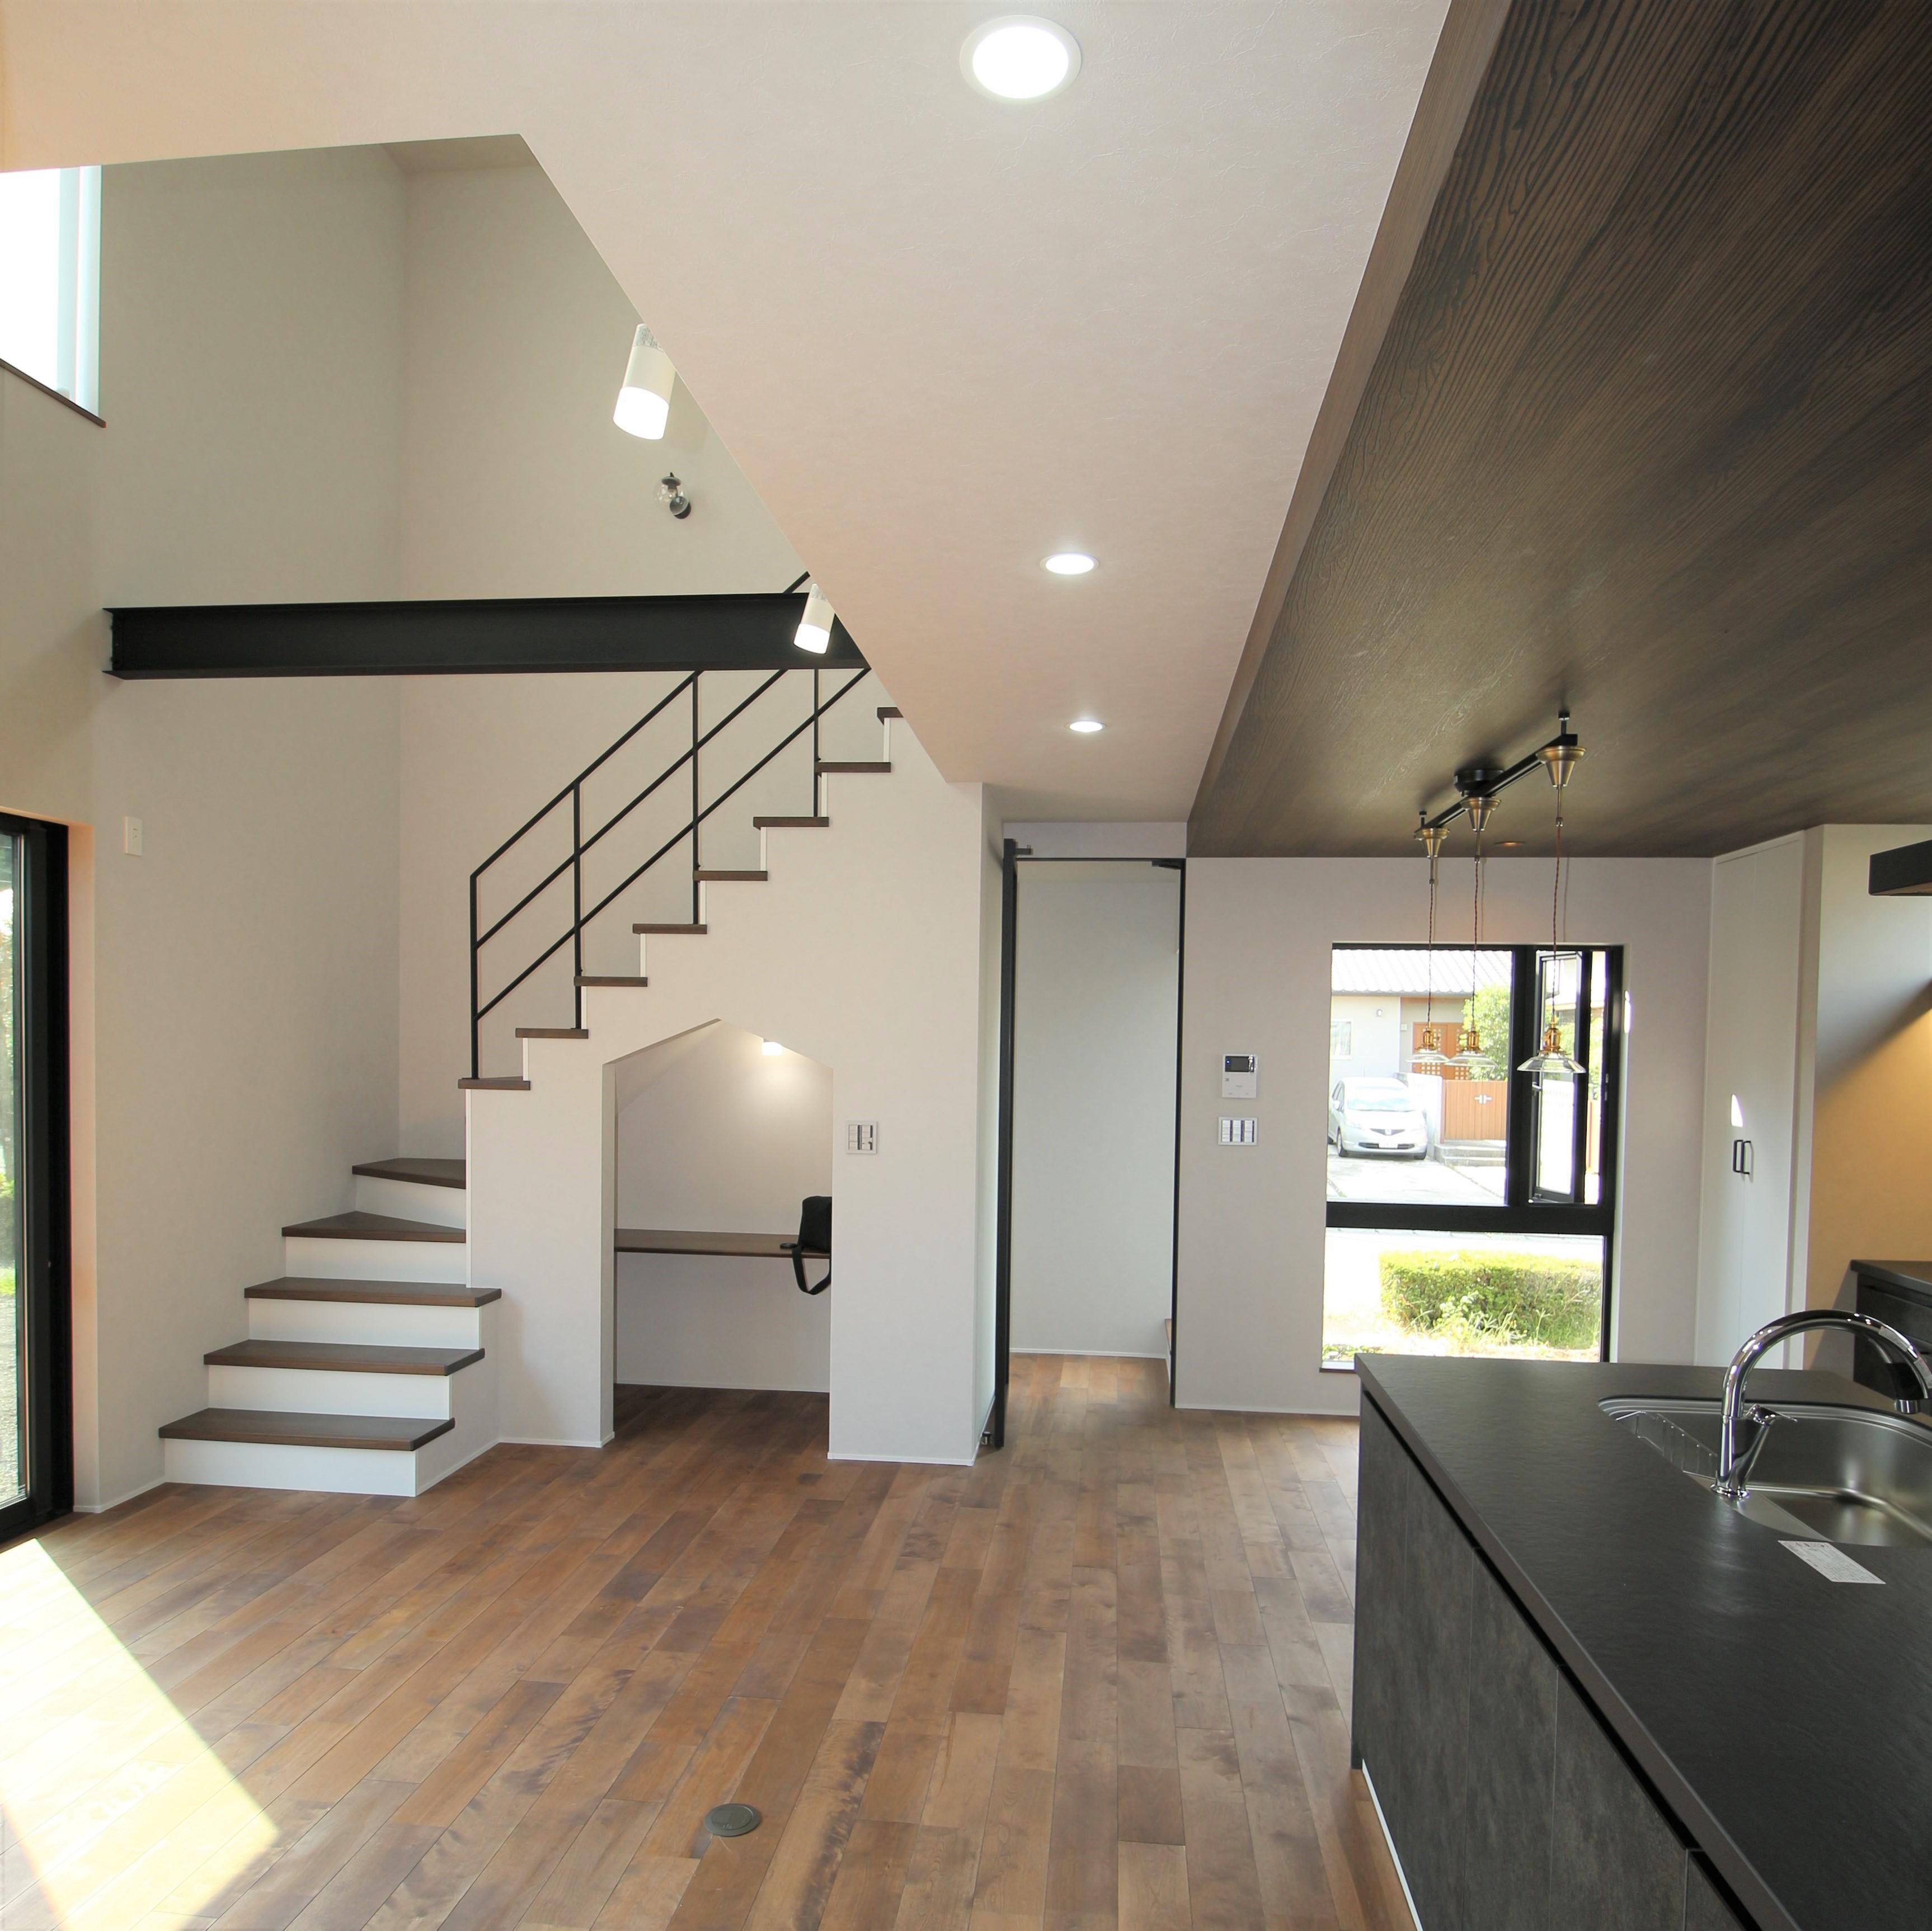 開放的な吹抜け空間に、オシャレなオープン階段と素敵な小部屋